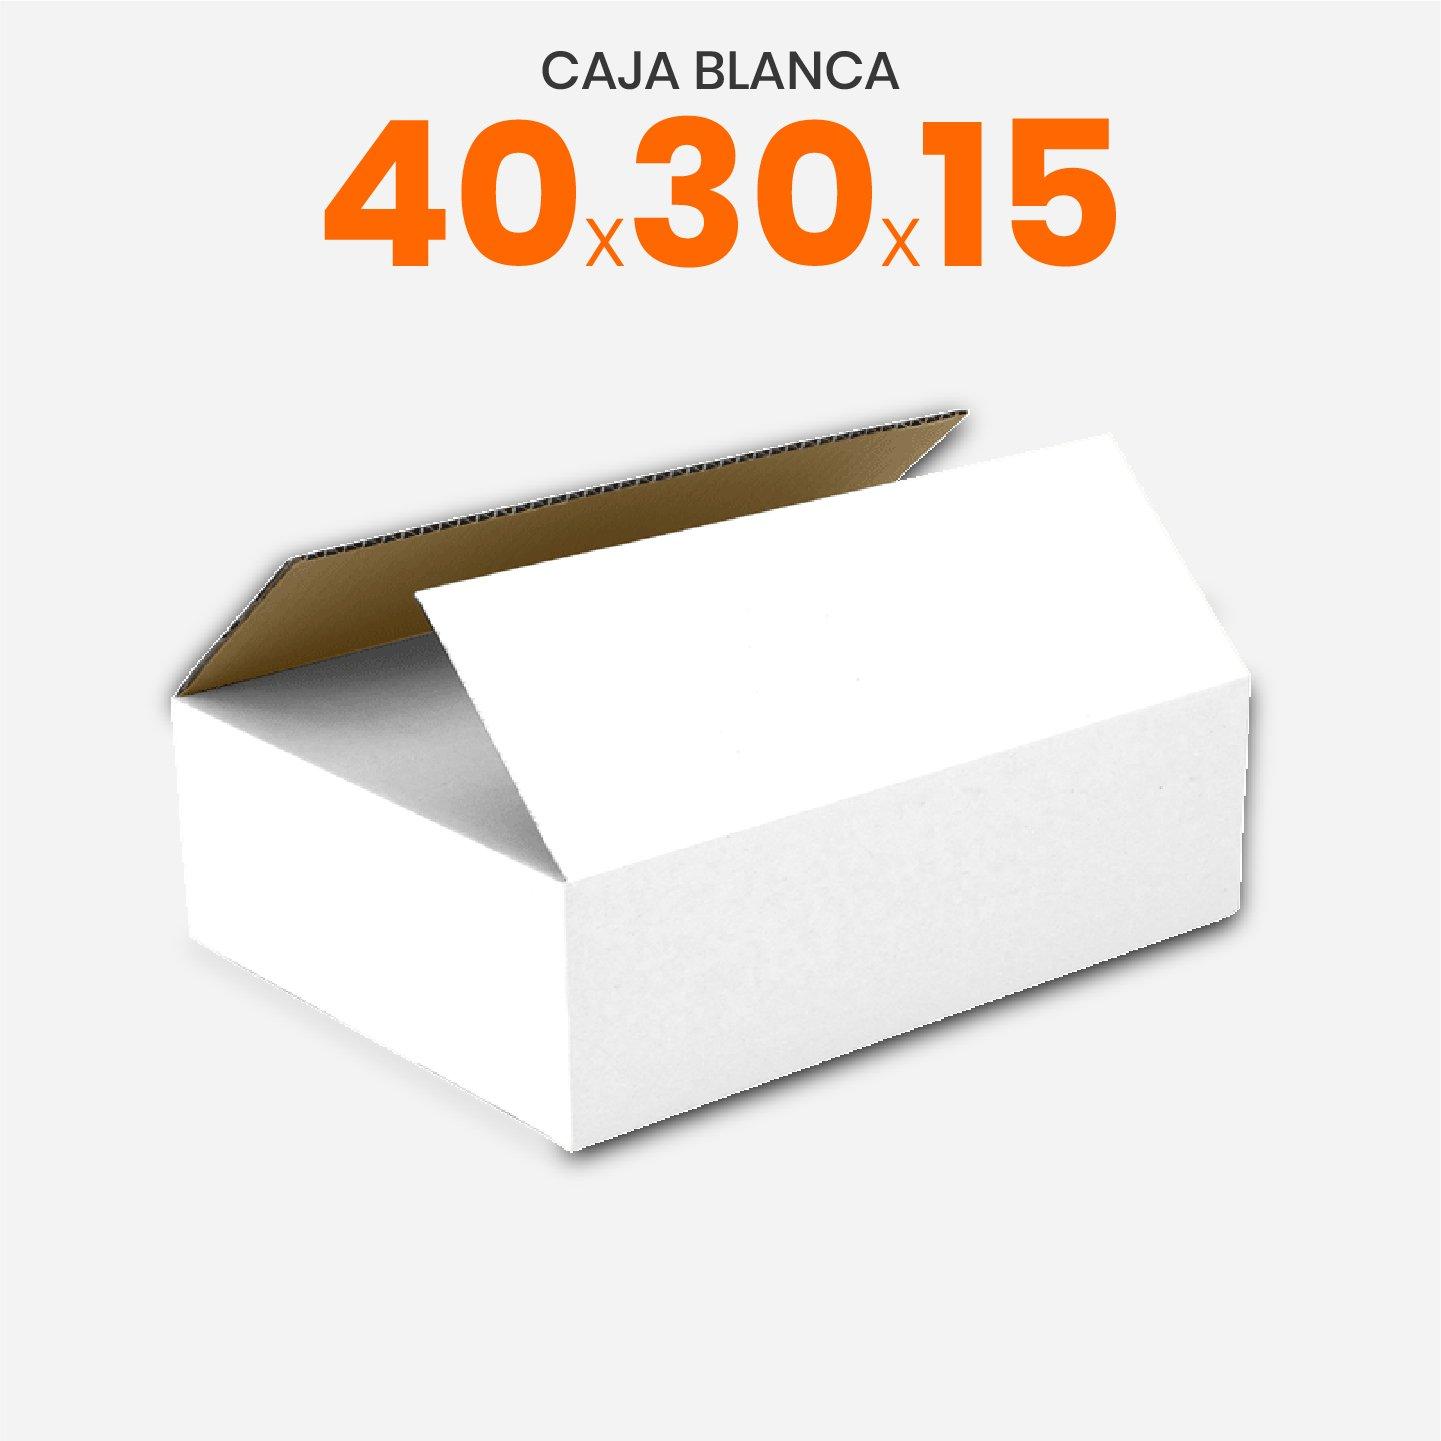 Caja De Cartón Corrugado Reforzada Blanca 40x30x15